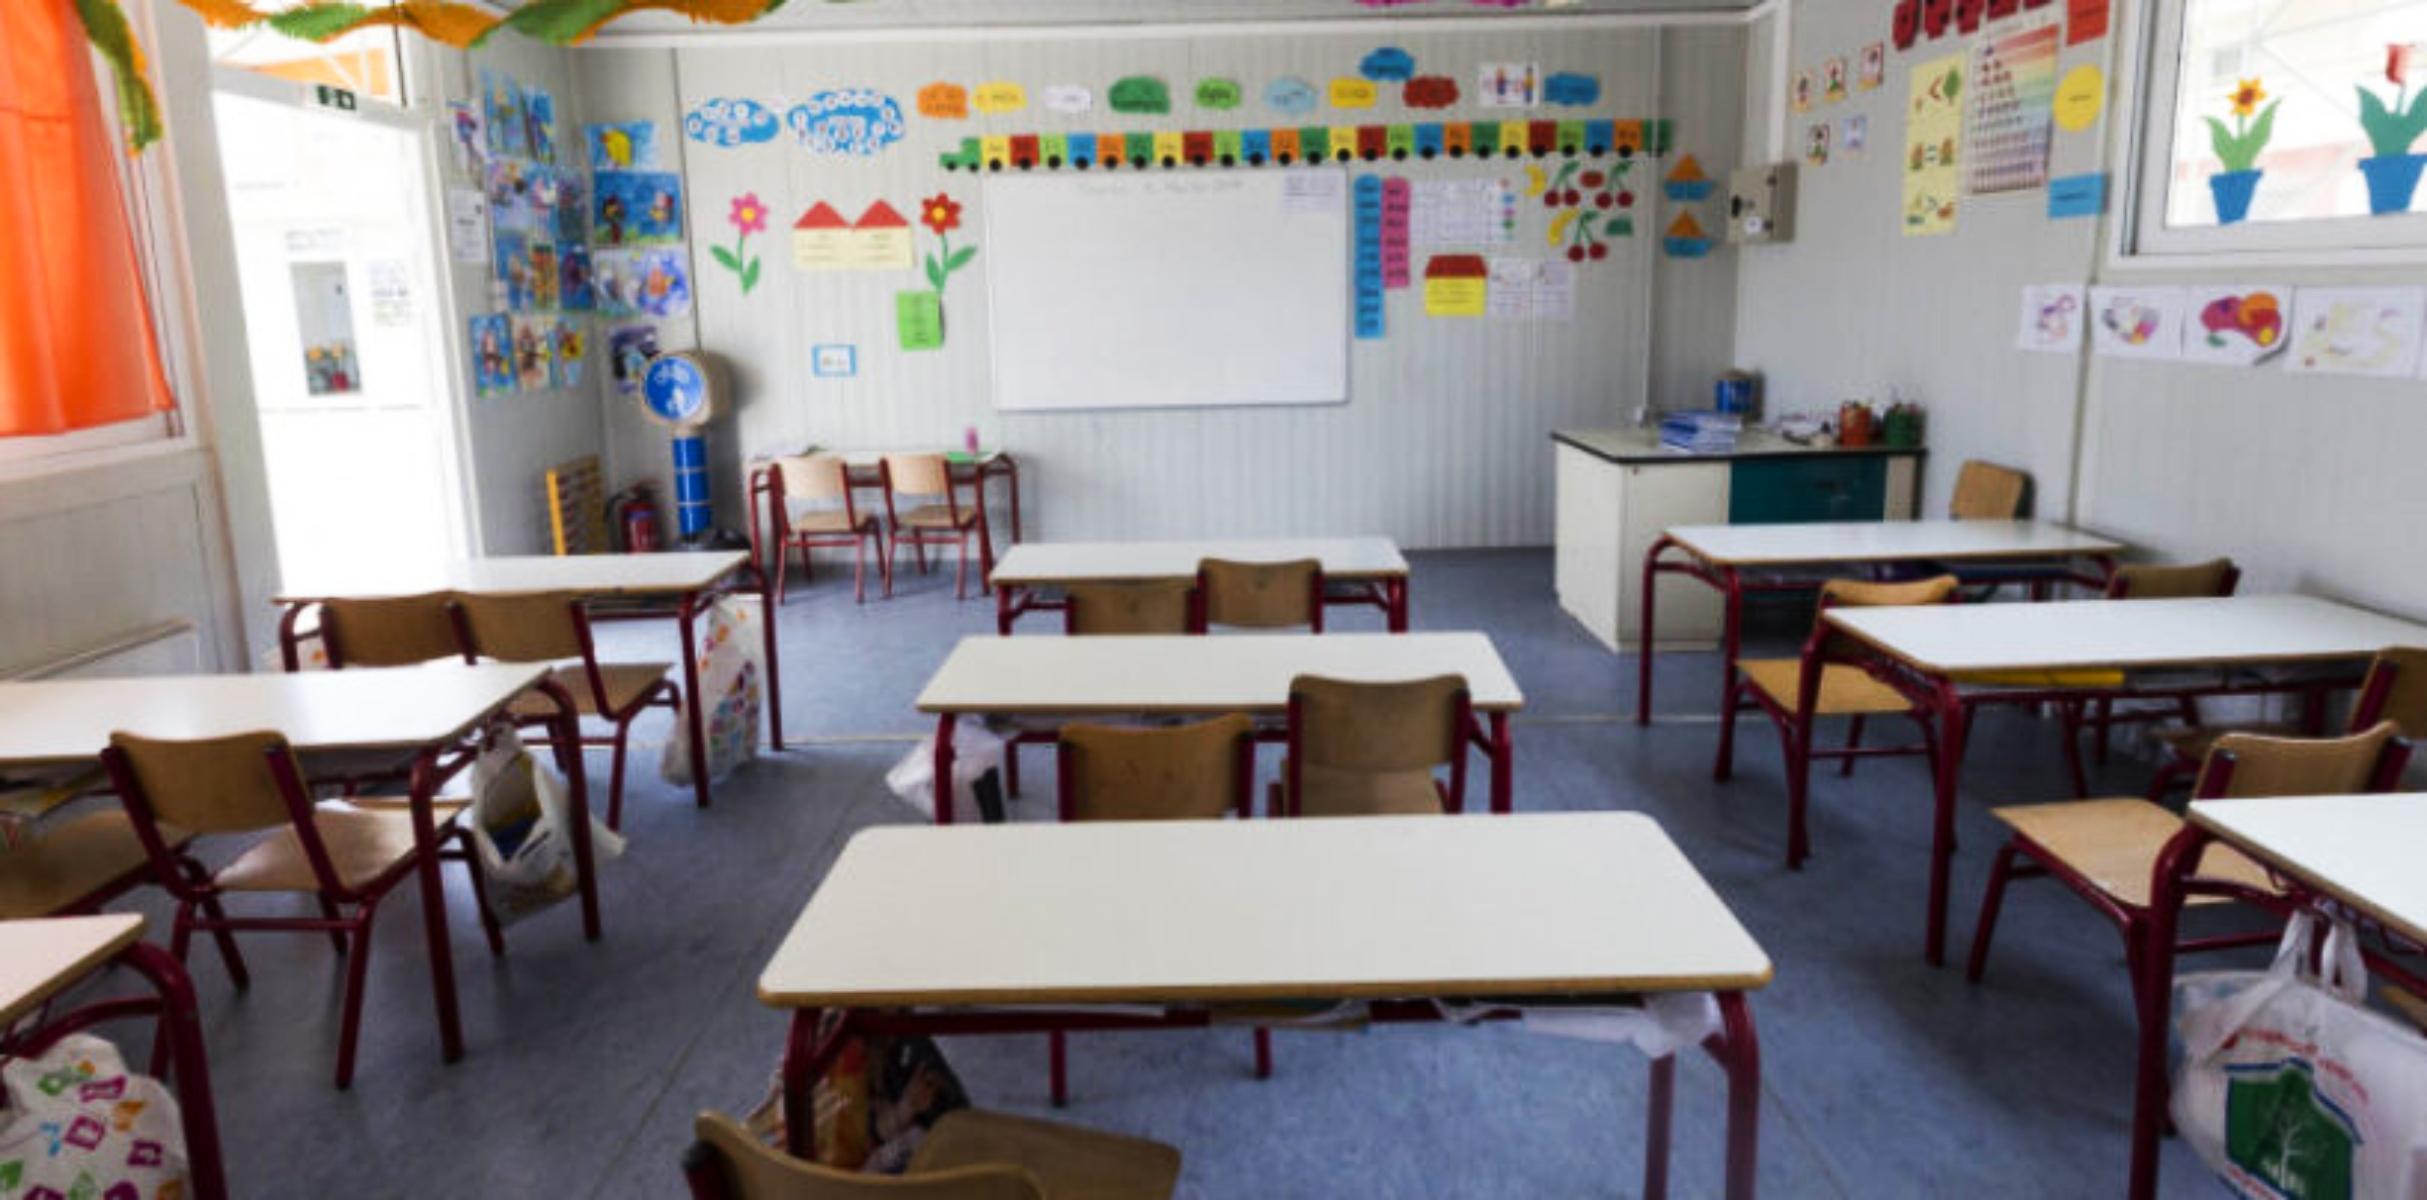 Άνοιγμα σχολείων: Έκτακτη συνεδρίαση των λοιμωξιολόγων- Πότε ανοίγουν